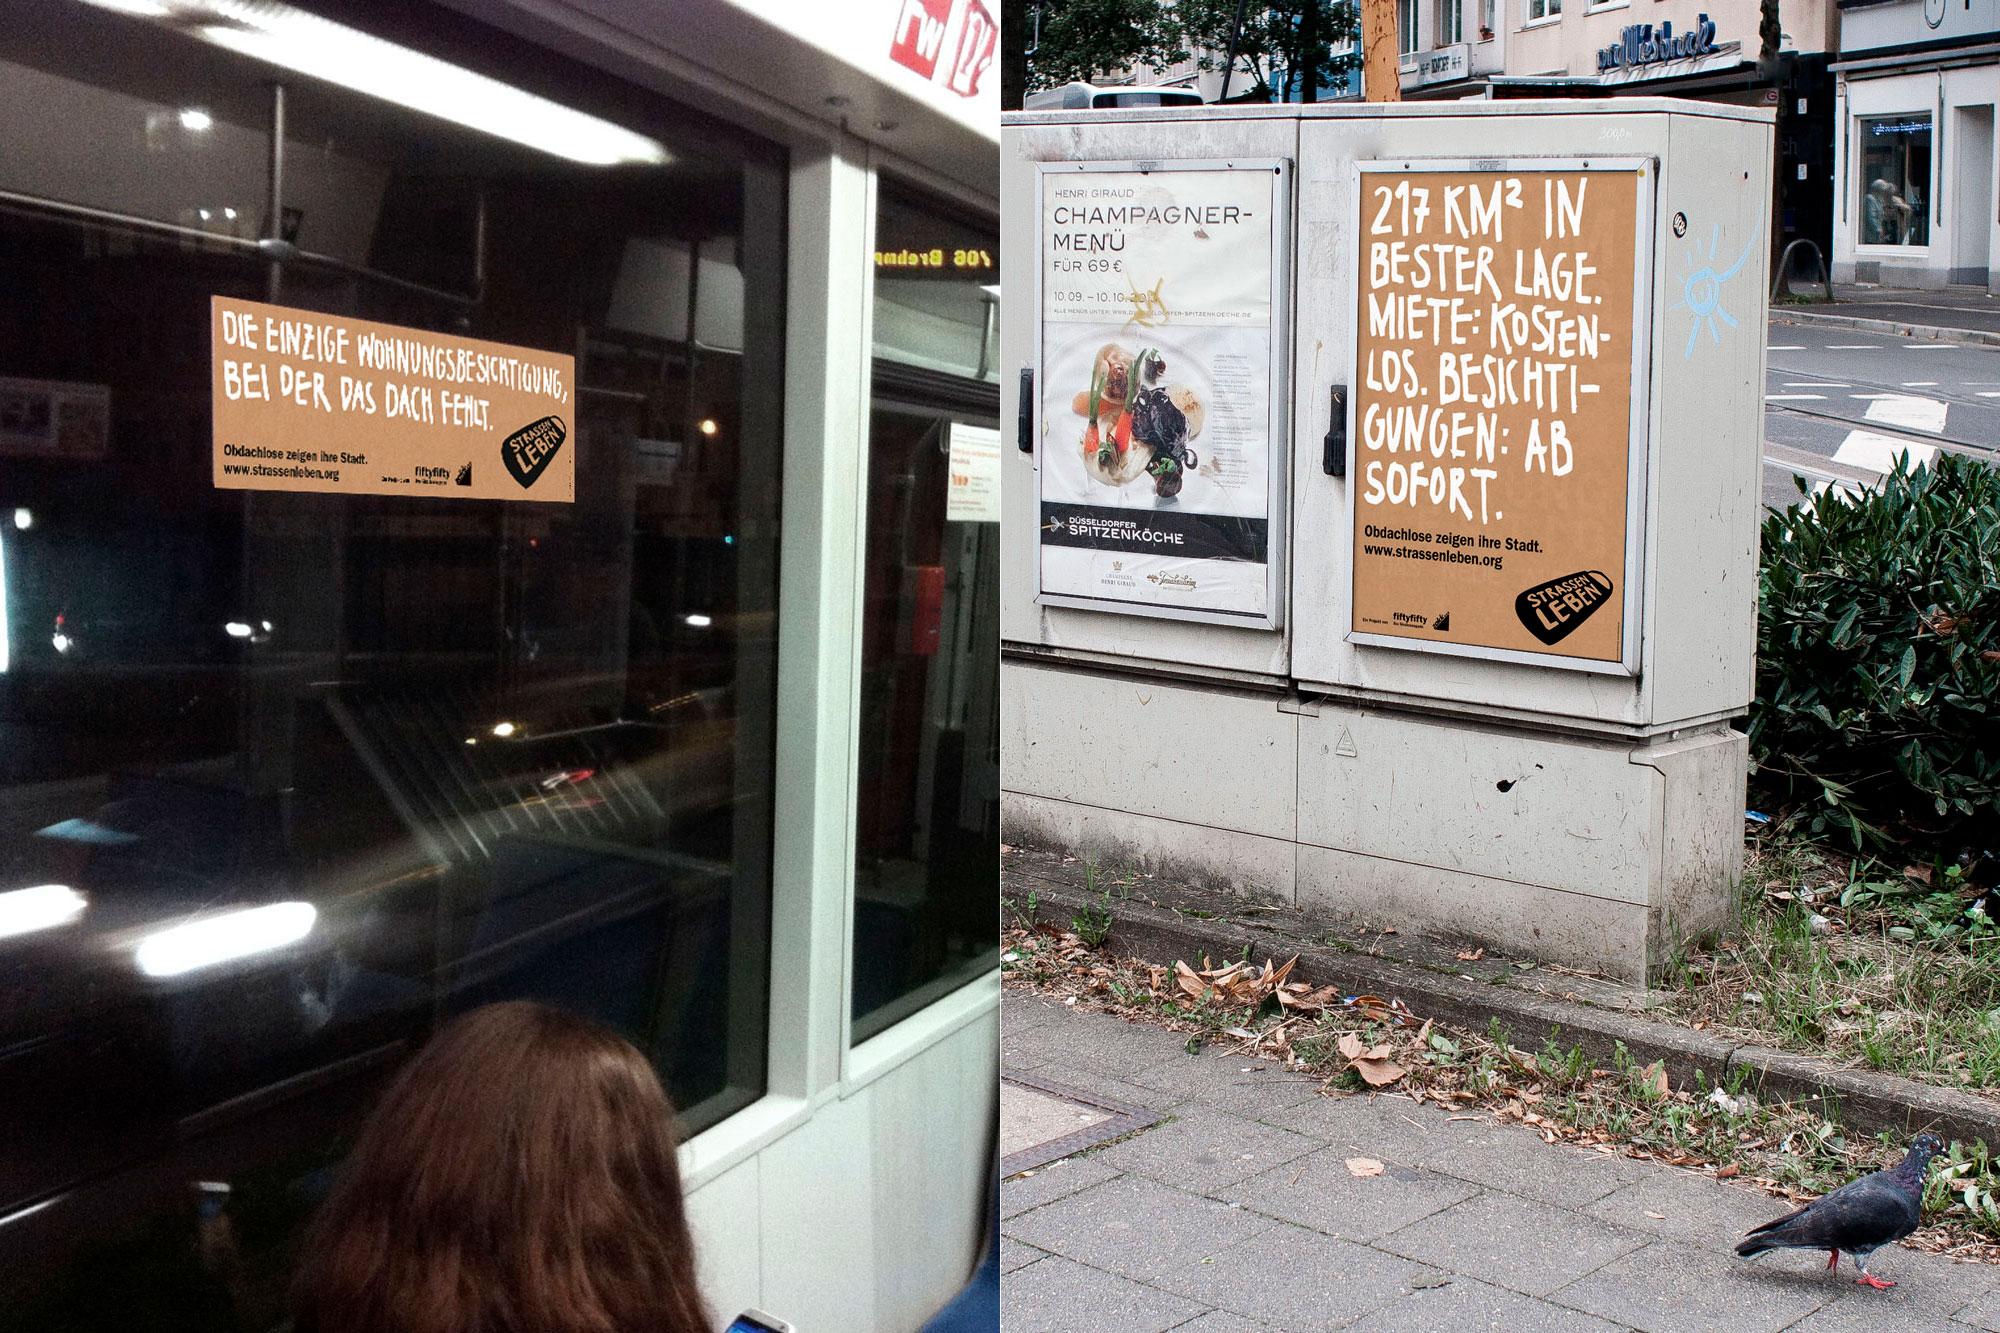 Seitenscheibenplakat in der Straßenbahn 706 und Poster im Stadtraum